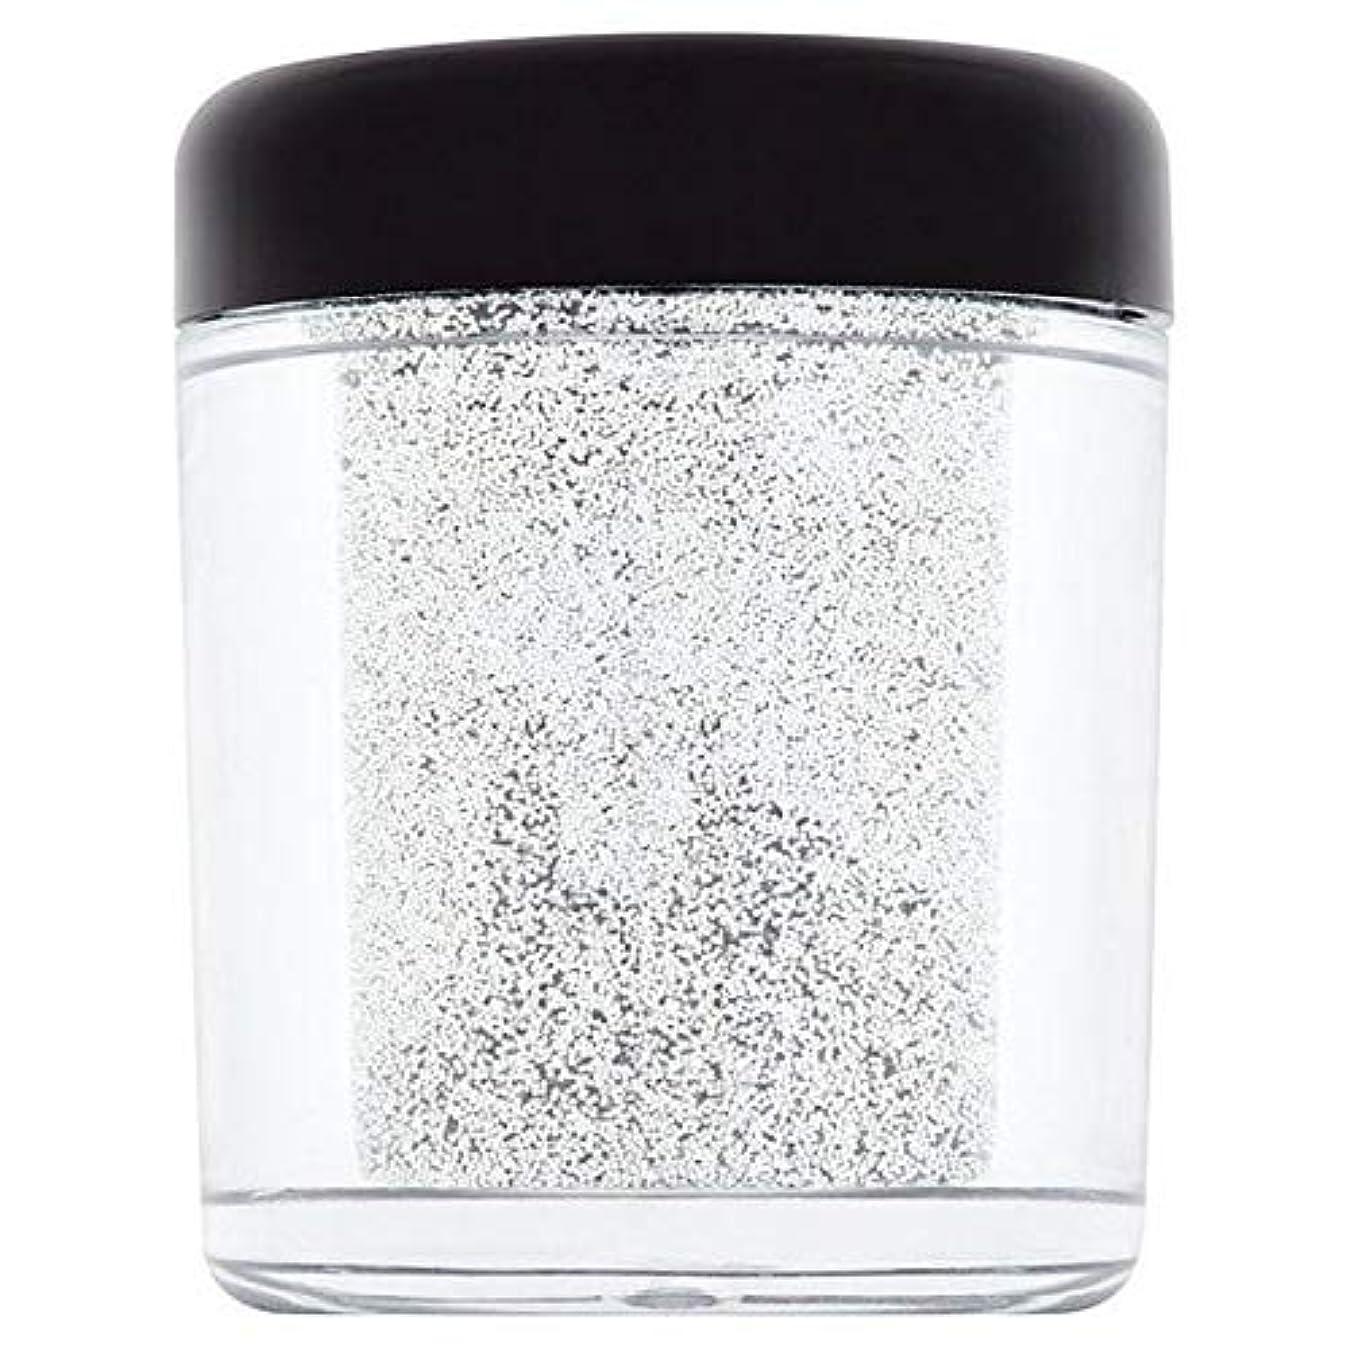 壊す移民プライバシー[Collection ] 天使2を回収グラムの結晶は、フェイス&ボディの輝きが落ち - Collection Glam Crystals Face & Body Glitter Fallen Angel 2 [並行輸入品]